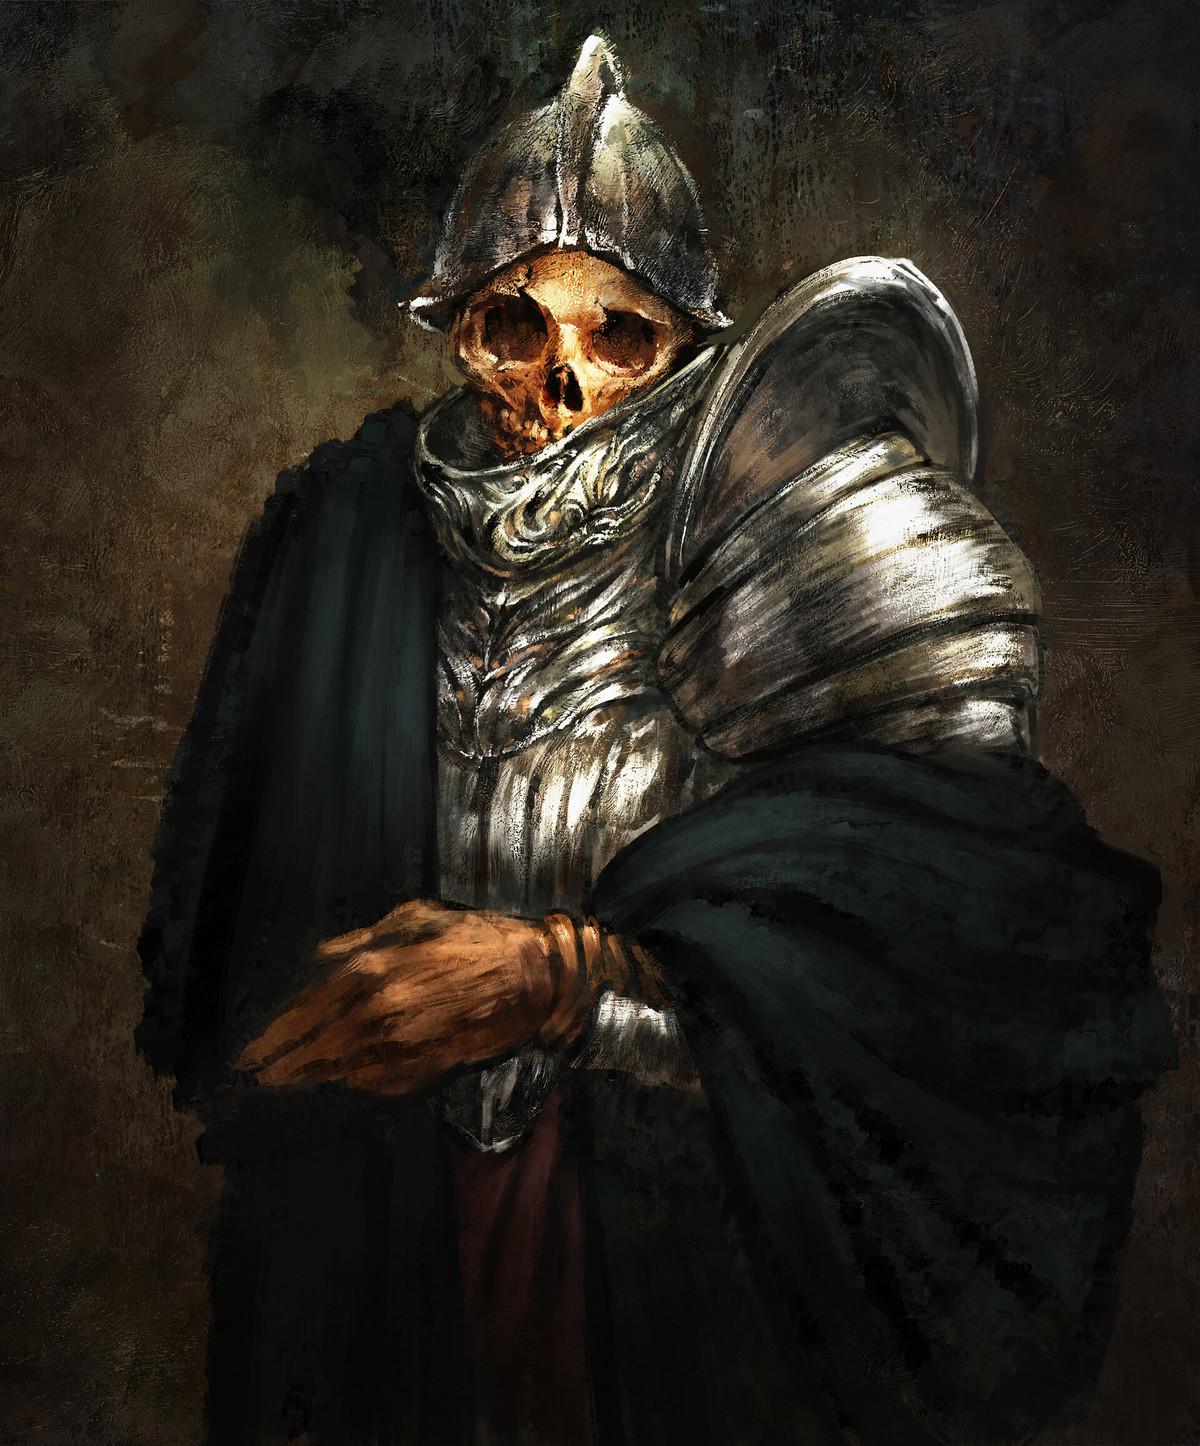 Skeleton boy by Mary Iv. .